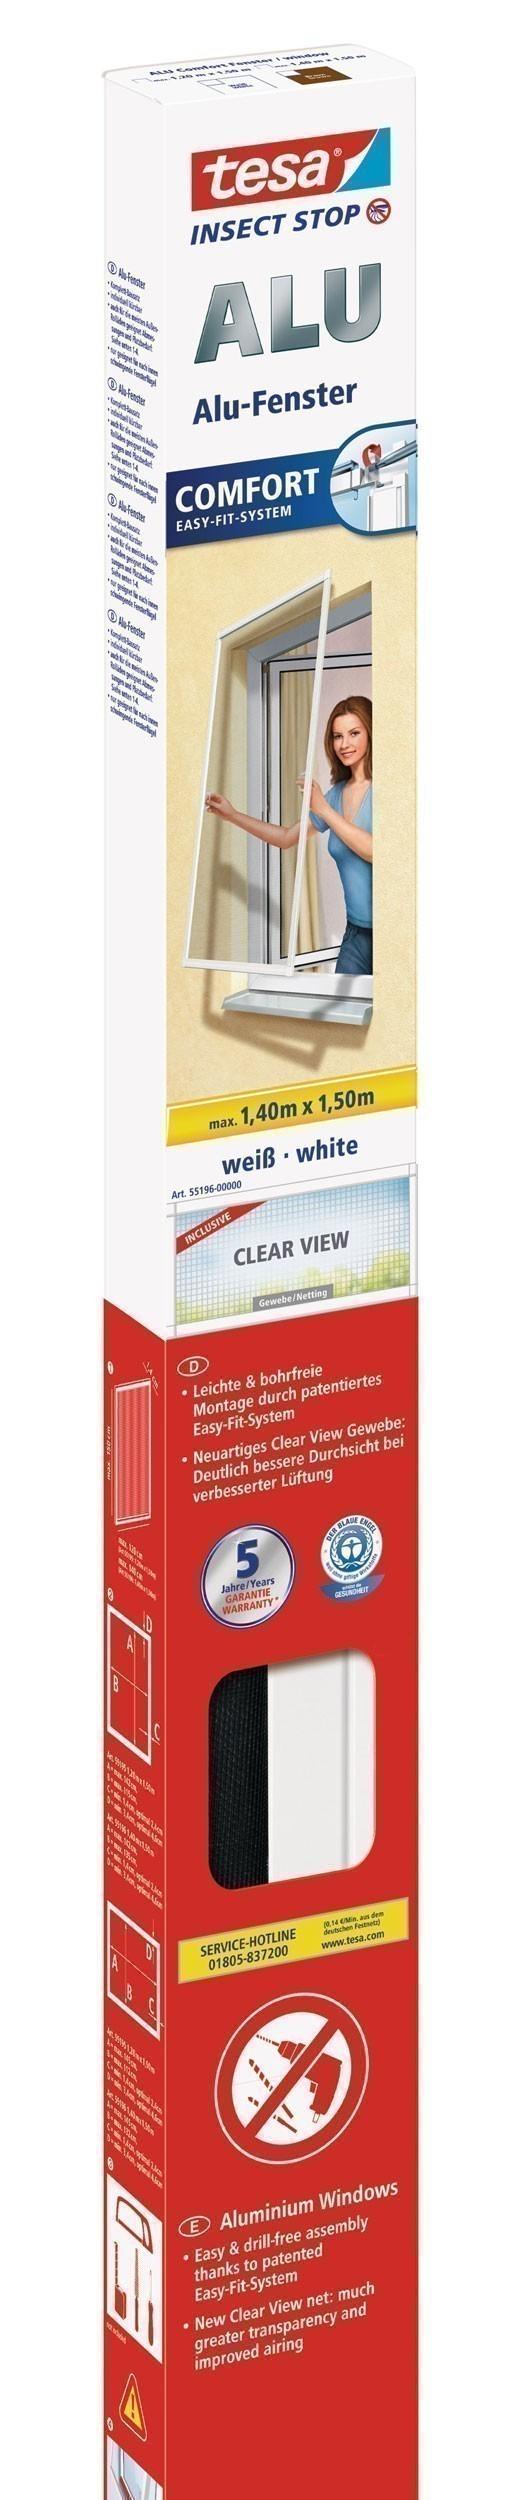 tesa® Insect Stop Fliegengitter Alu Comfort Fenster 1,4 m x 1,5 m weiß Bild 1